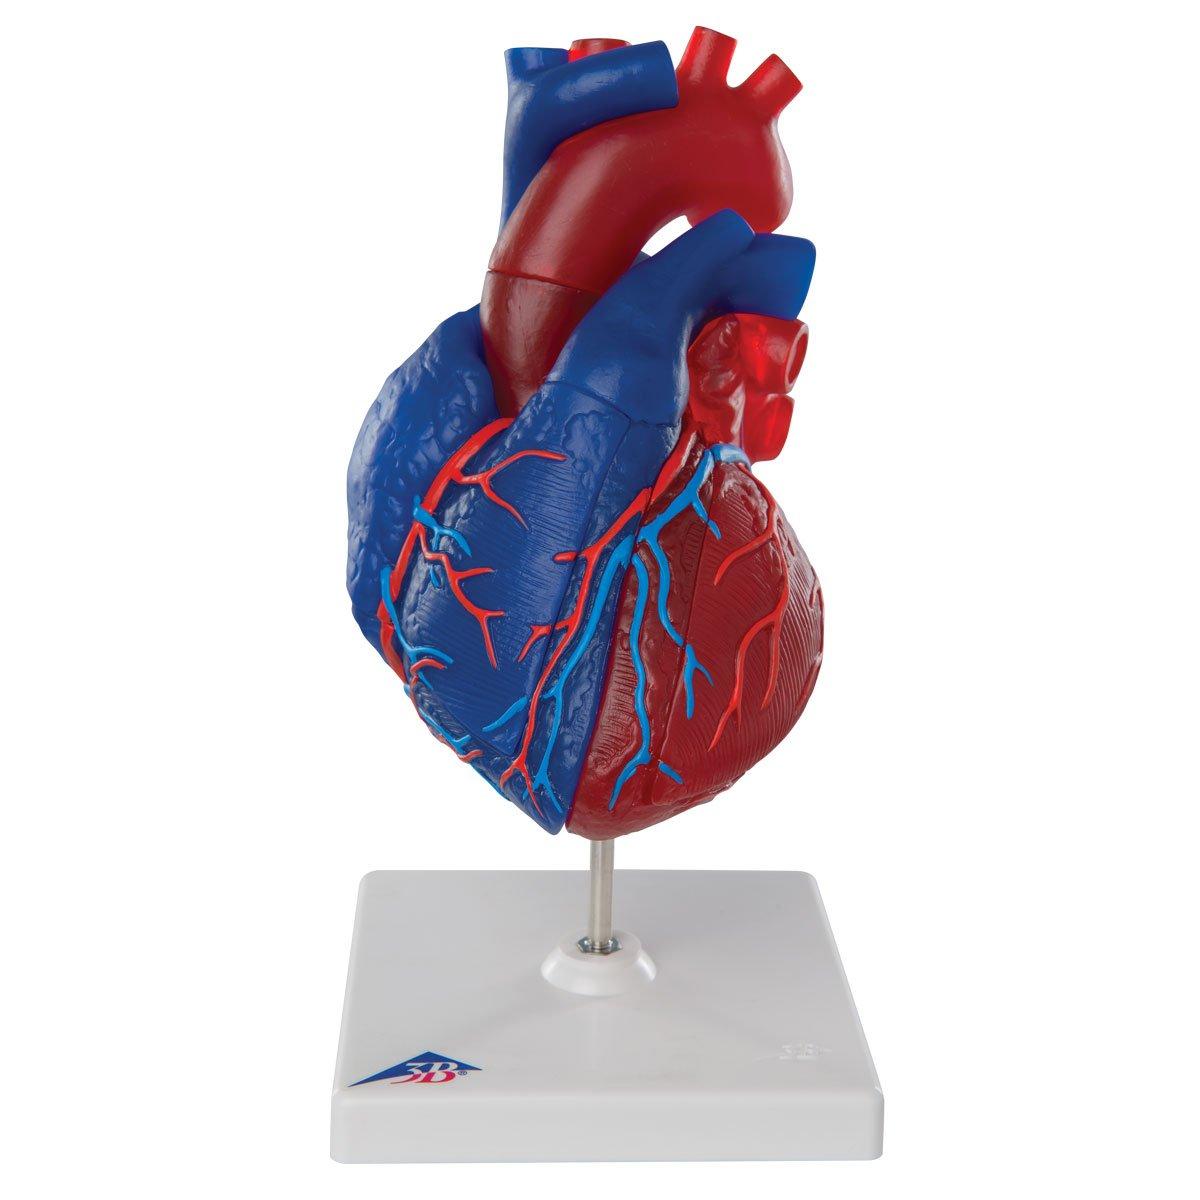 国内発送 心臓,実物大5分解モデル,動静脈血区分 B007NCV4SU B007NCV4SU, 雛人形 五月人形 鯉のぼりの久宝堂:19c4ebf3 --- a0267596.xsph.ru